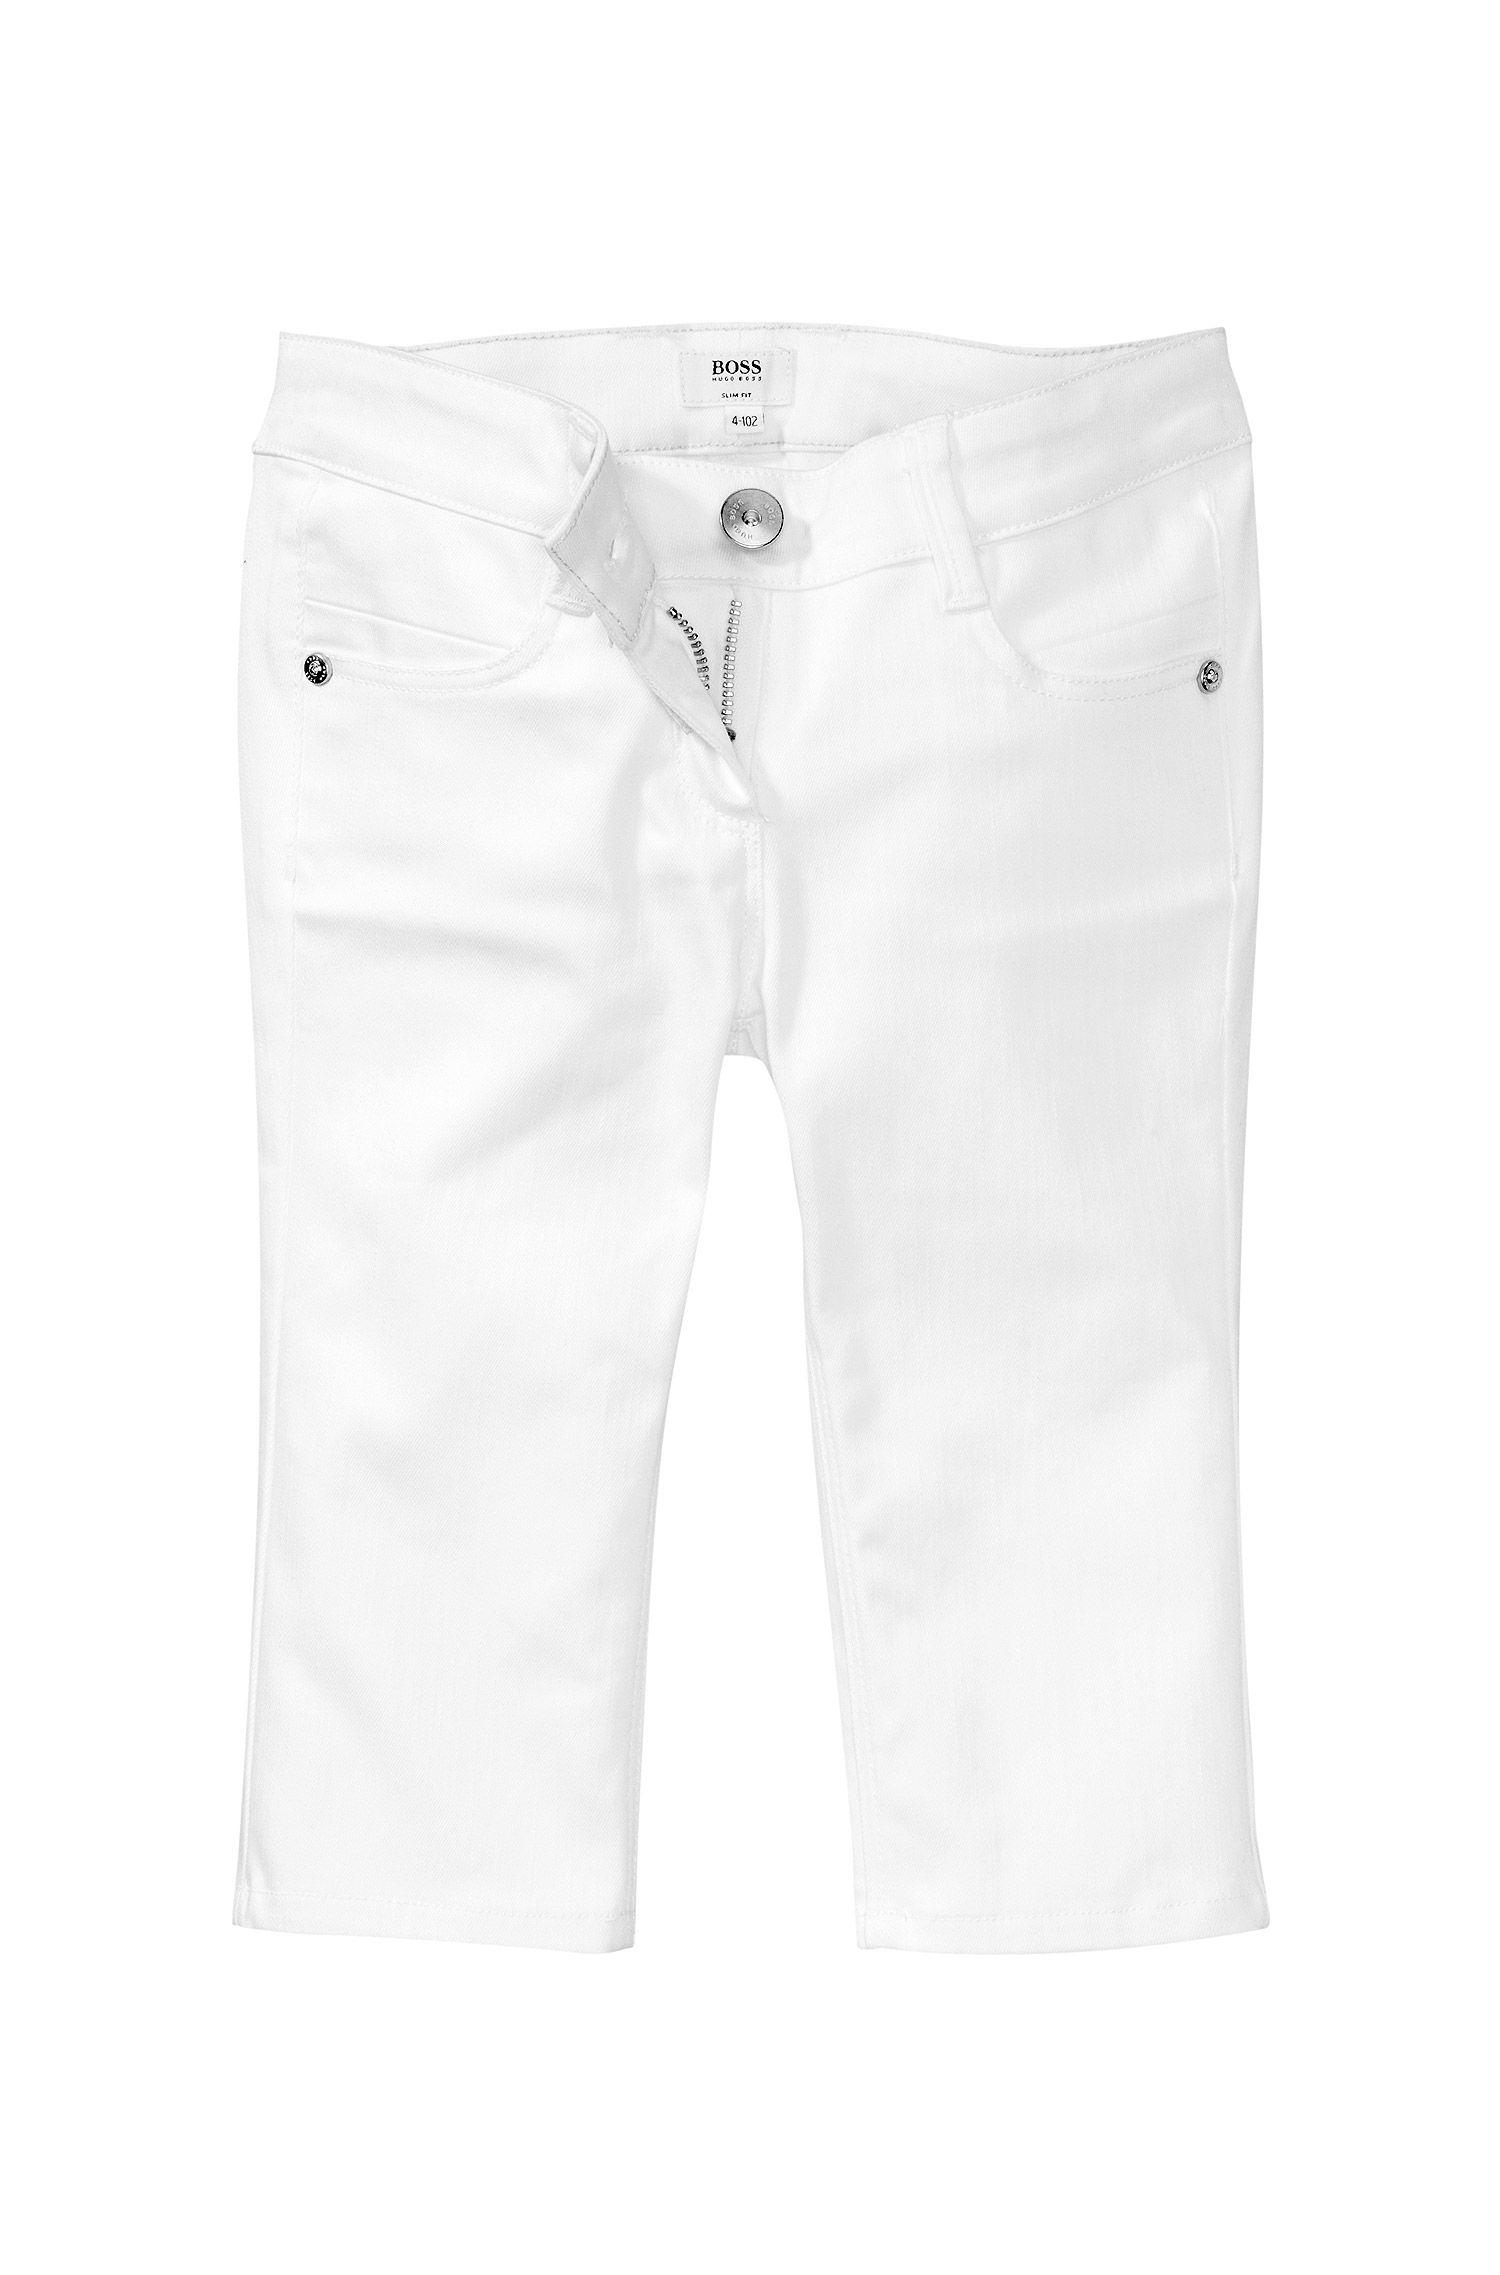 Jeans 'J14108' van katoen met elastaan